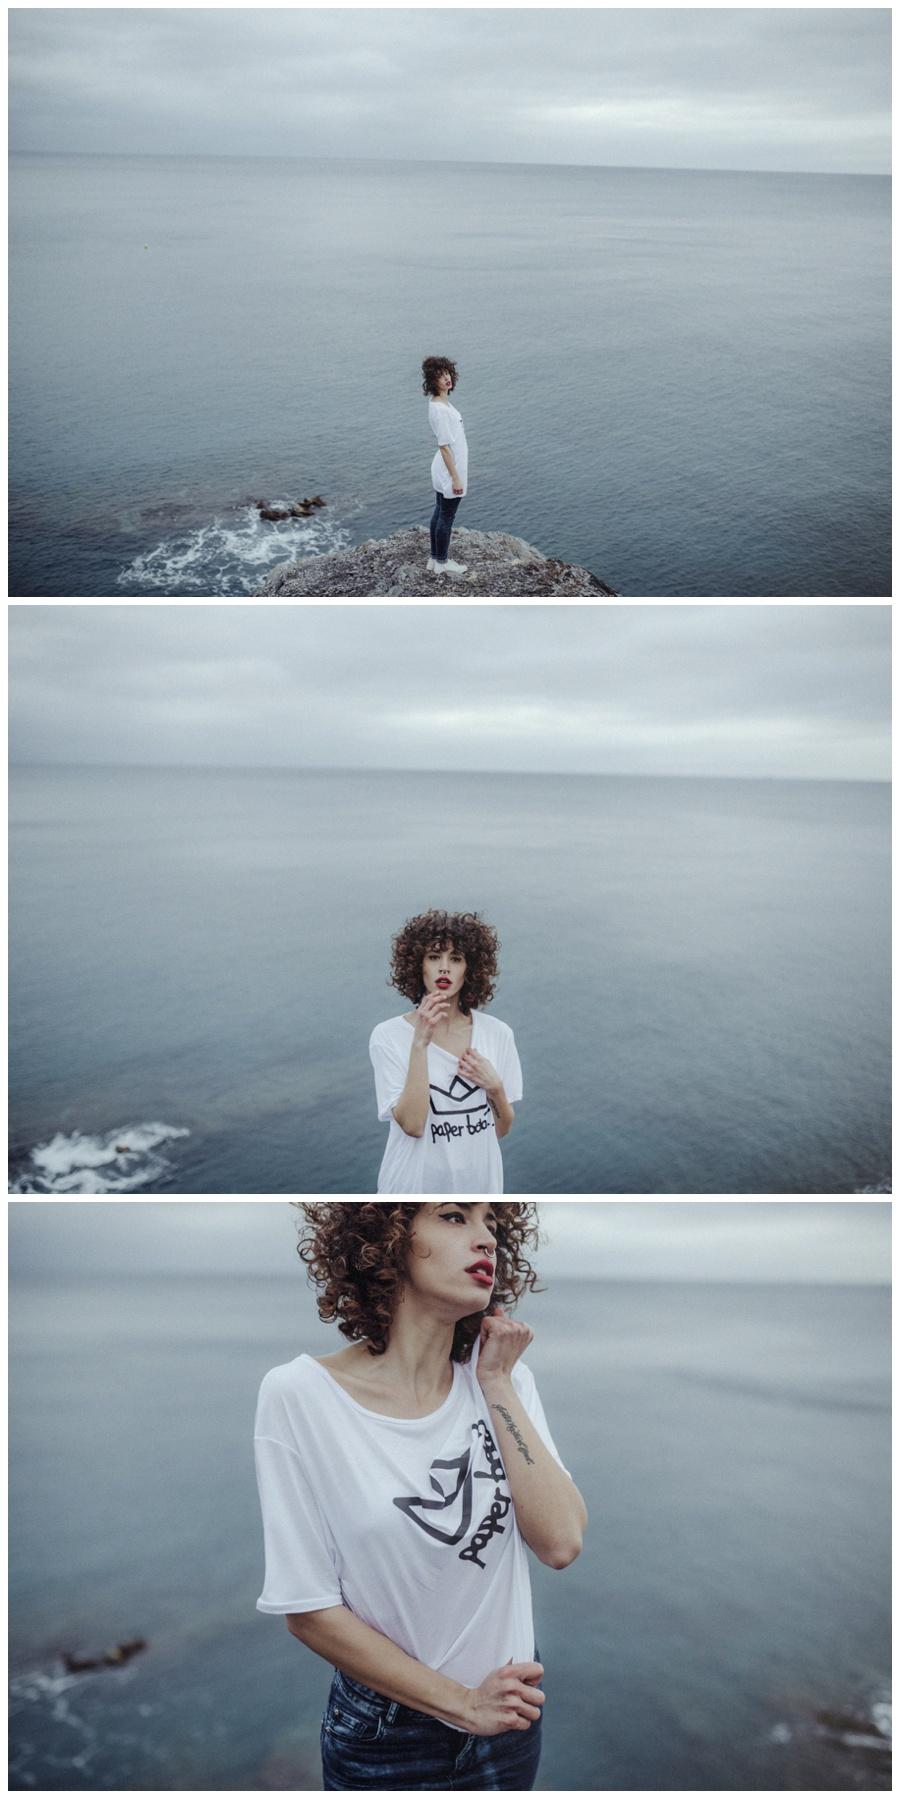 Pablo Laguia Fotografo PaperBoat-1245.jpg